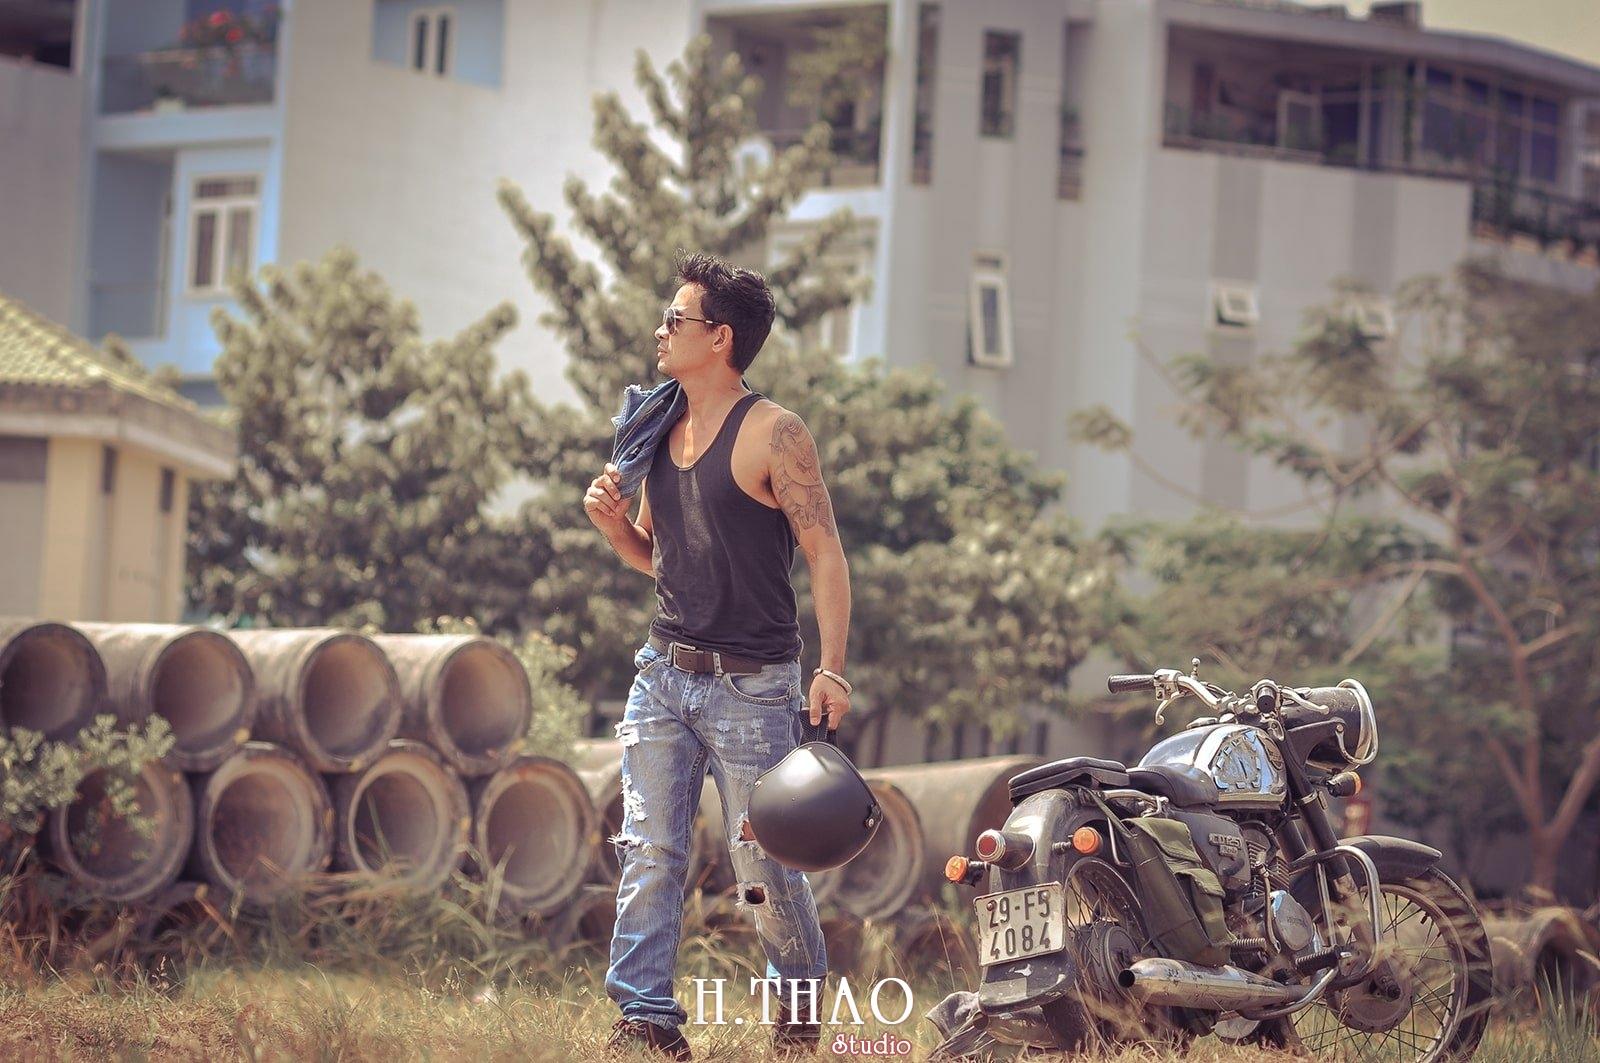 Anh nghe thuat ca tinh 13 - 35 cách tạo dáng chụp ảnh nam ngầu chất ngất - HThao Studio